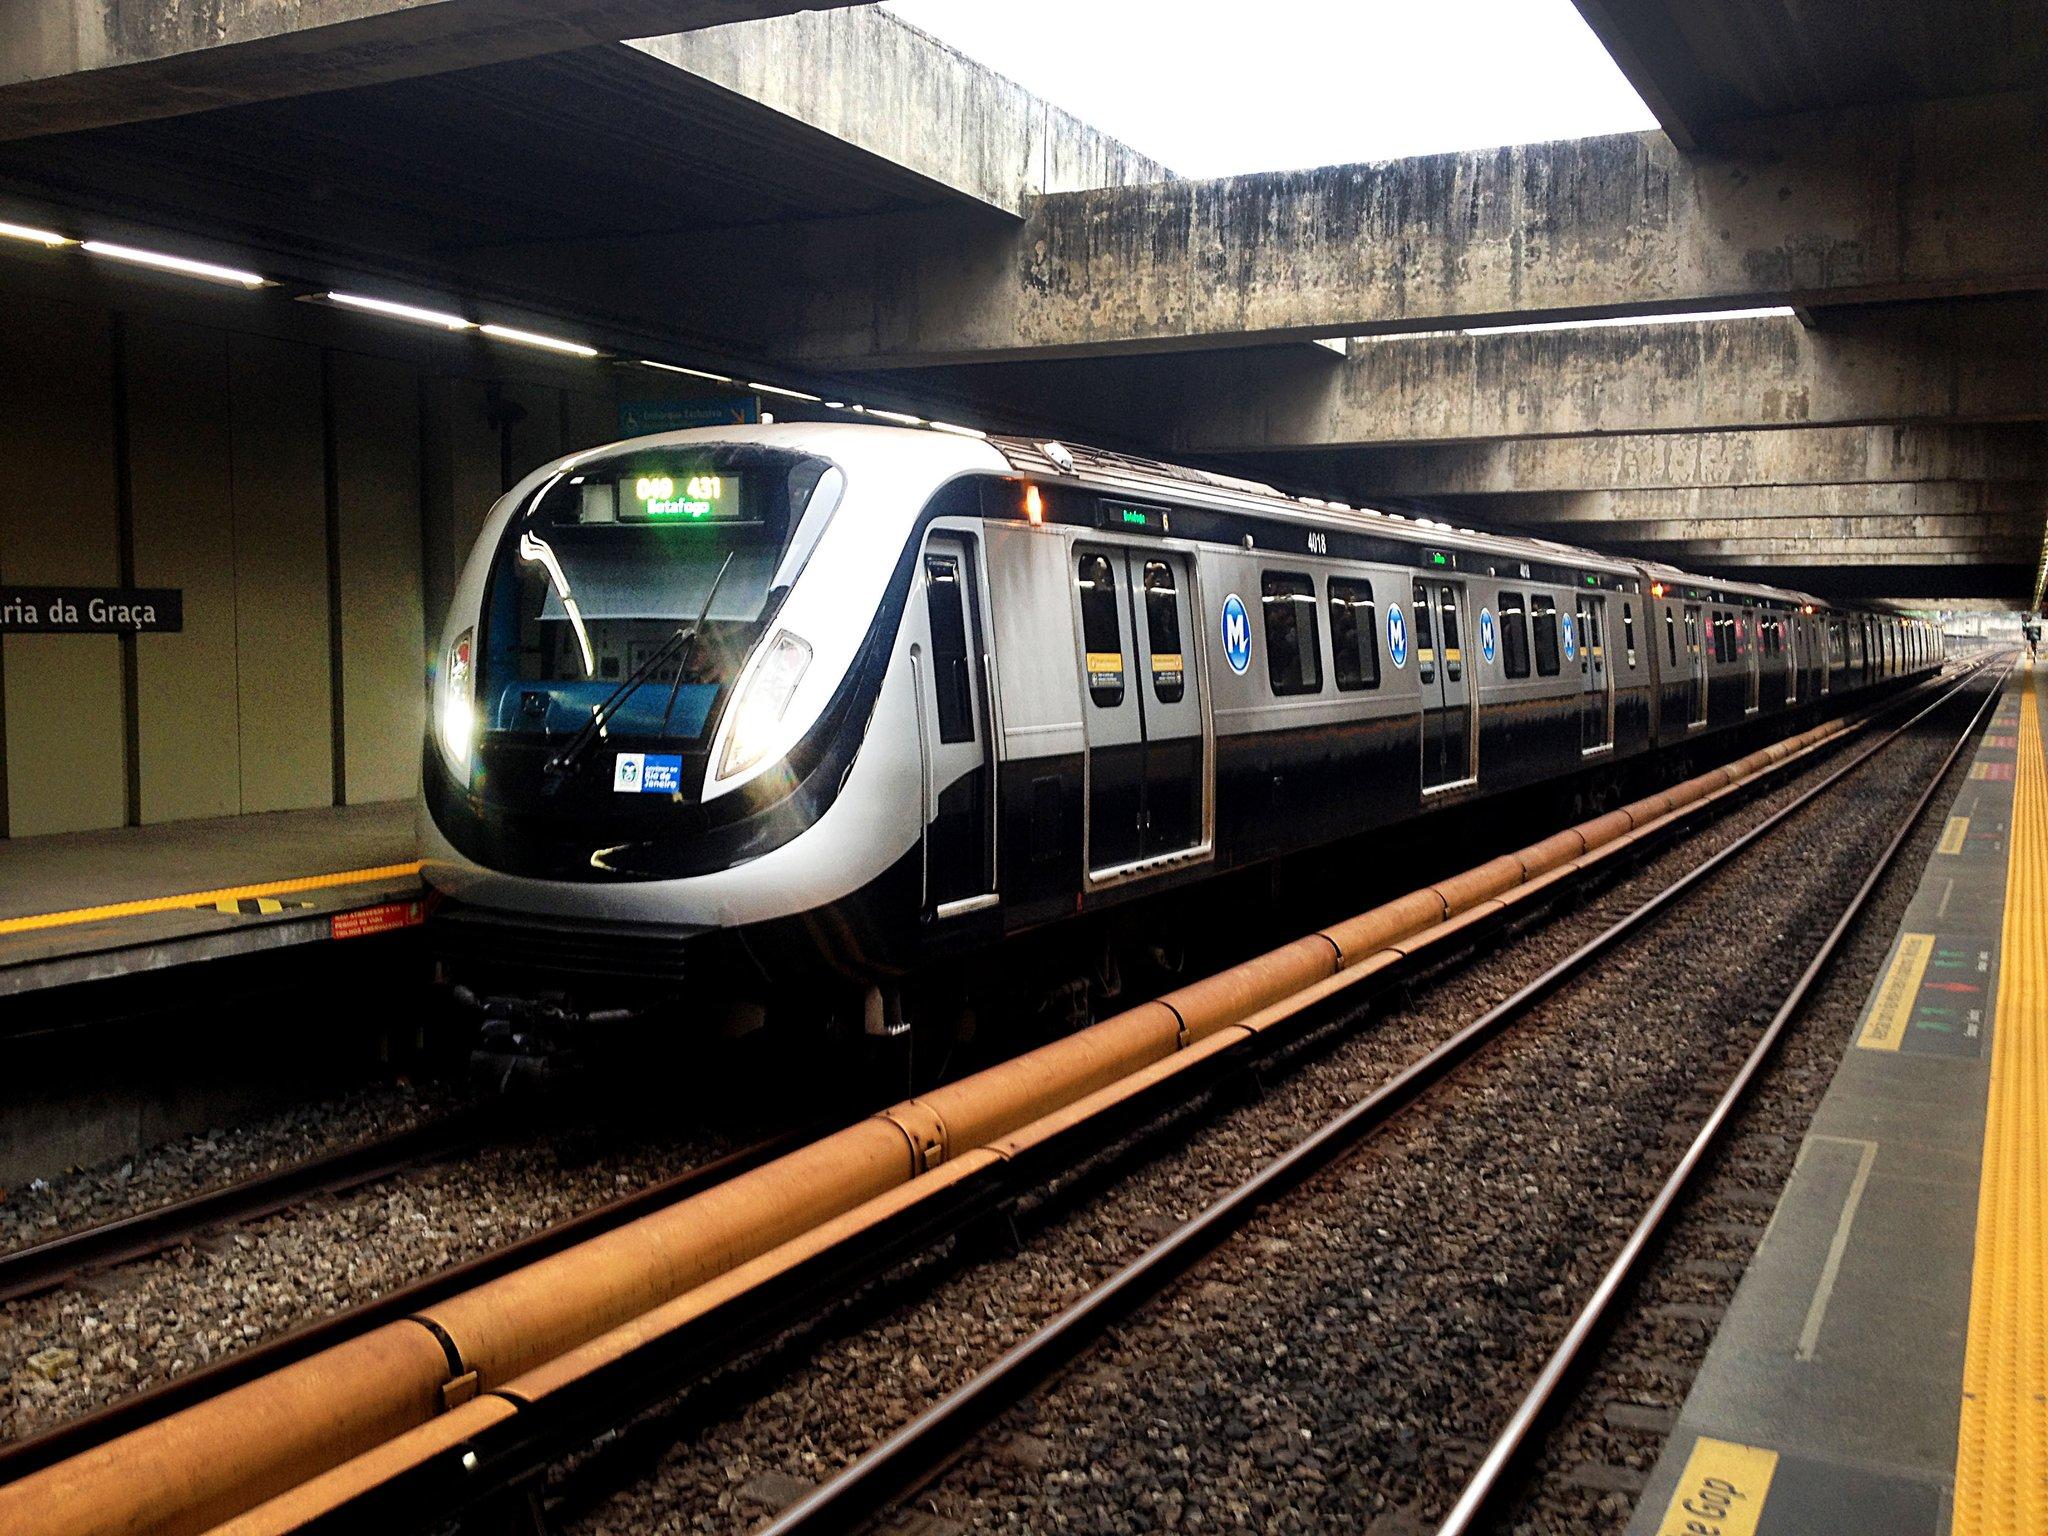 Trem do MetrôRio